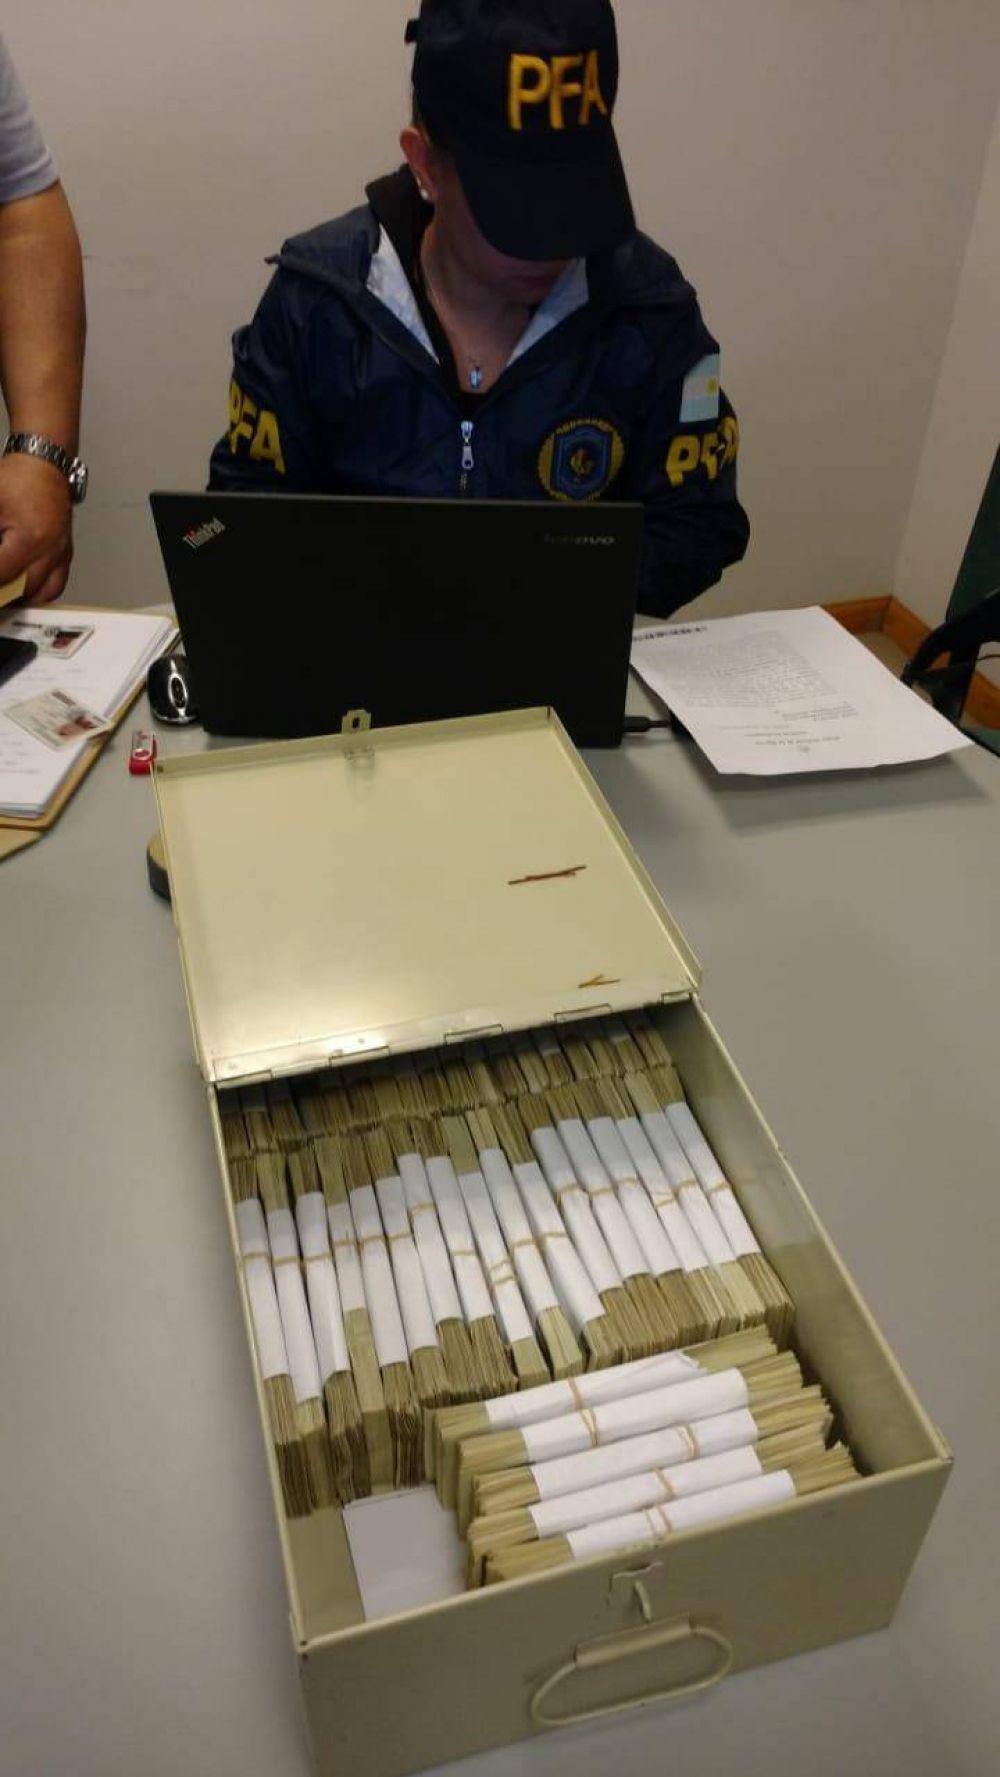 Encontraron otros U$S 400.000 del gremio Surrbac en una caja de seguridad